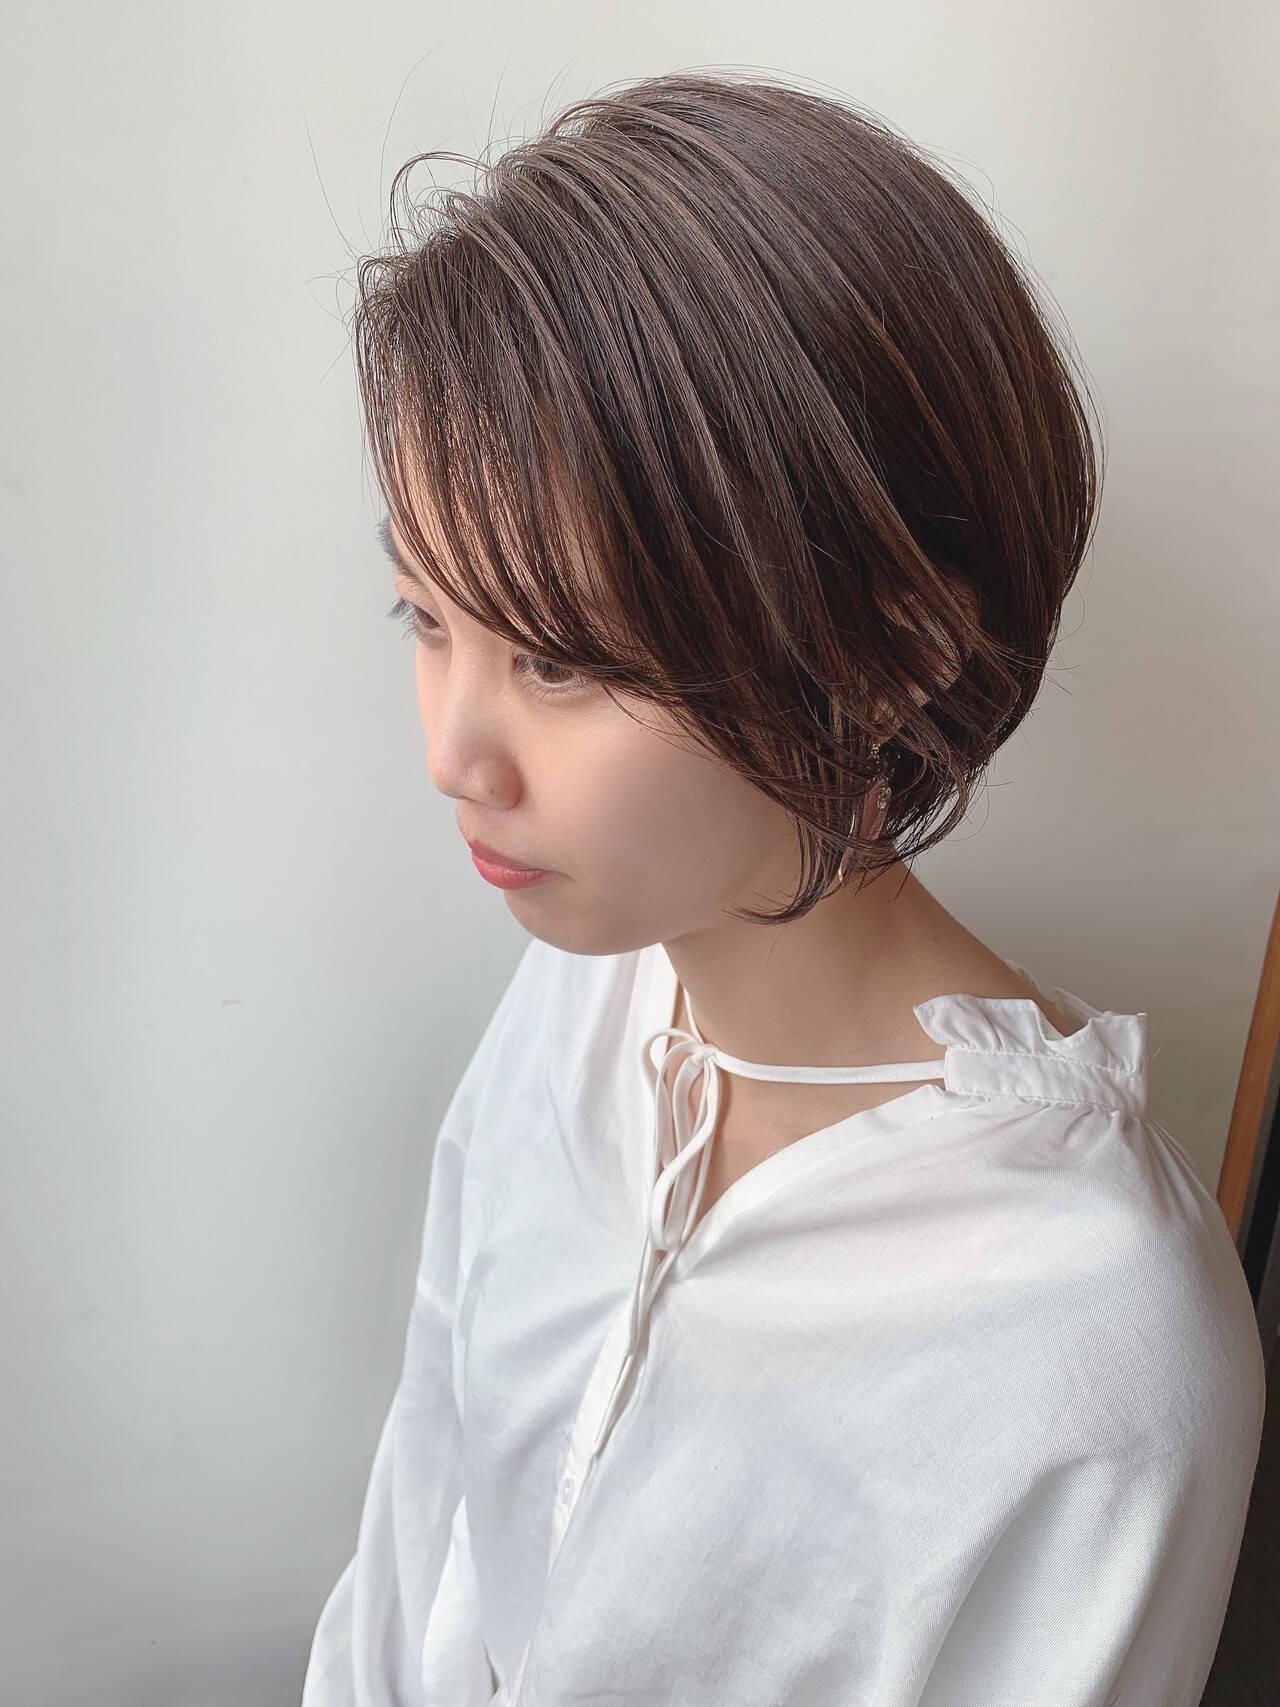 透明感カラー ハイライト ハンサムショート ショートヘアスタイルや髪型の写真・画像